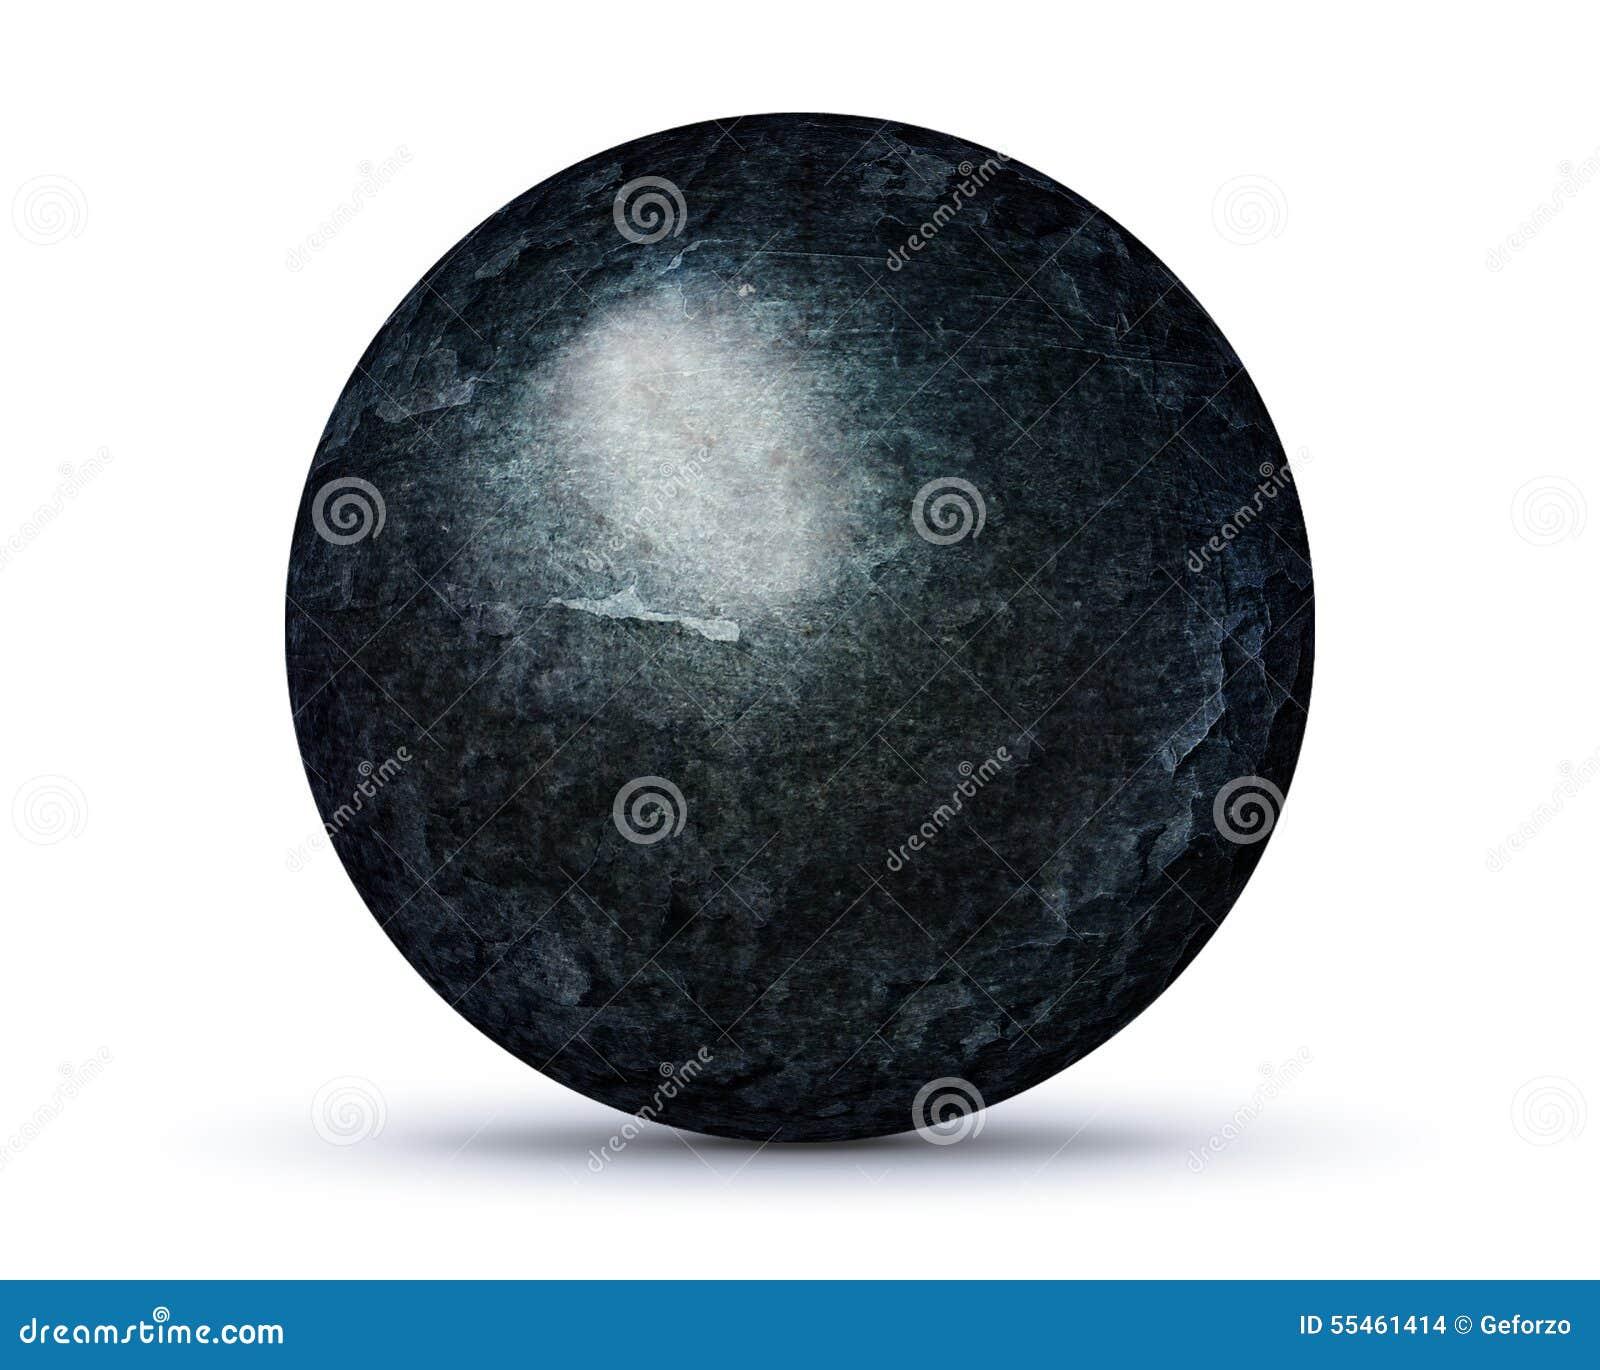 Dark rock planet on white